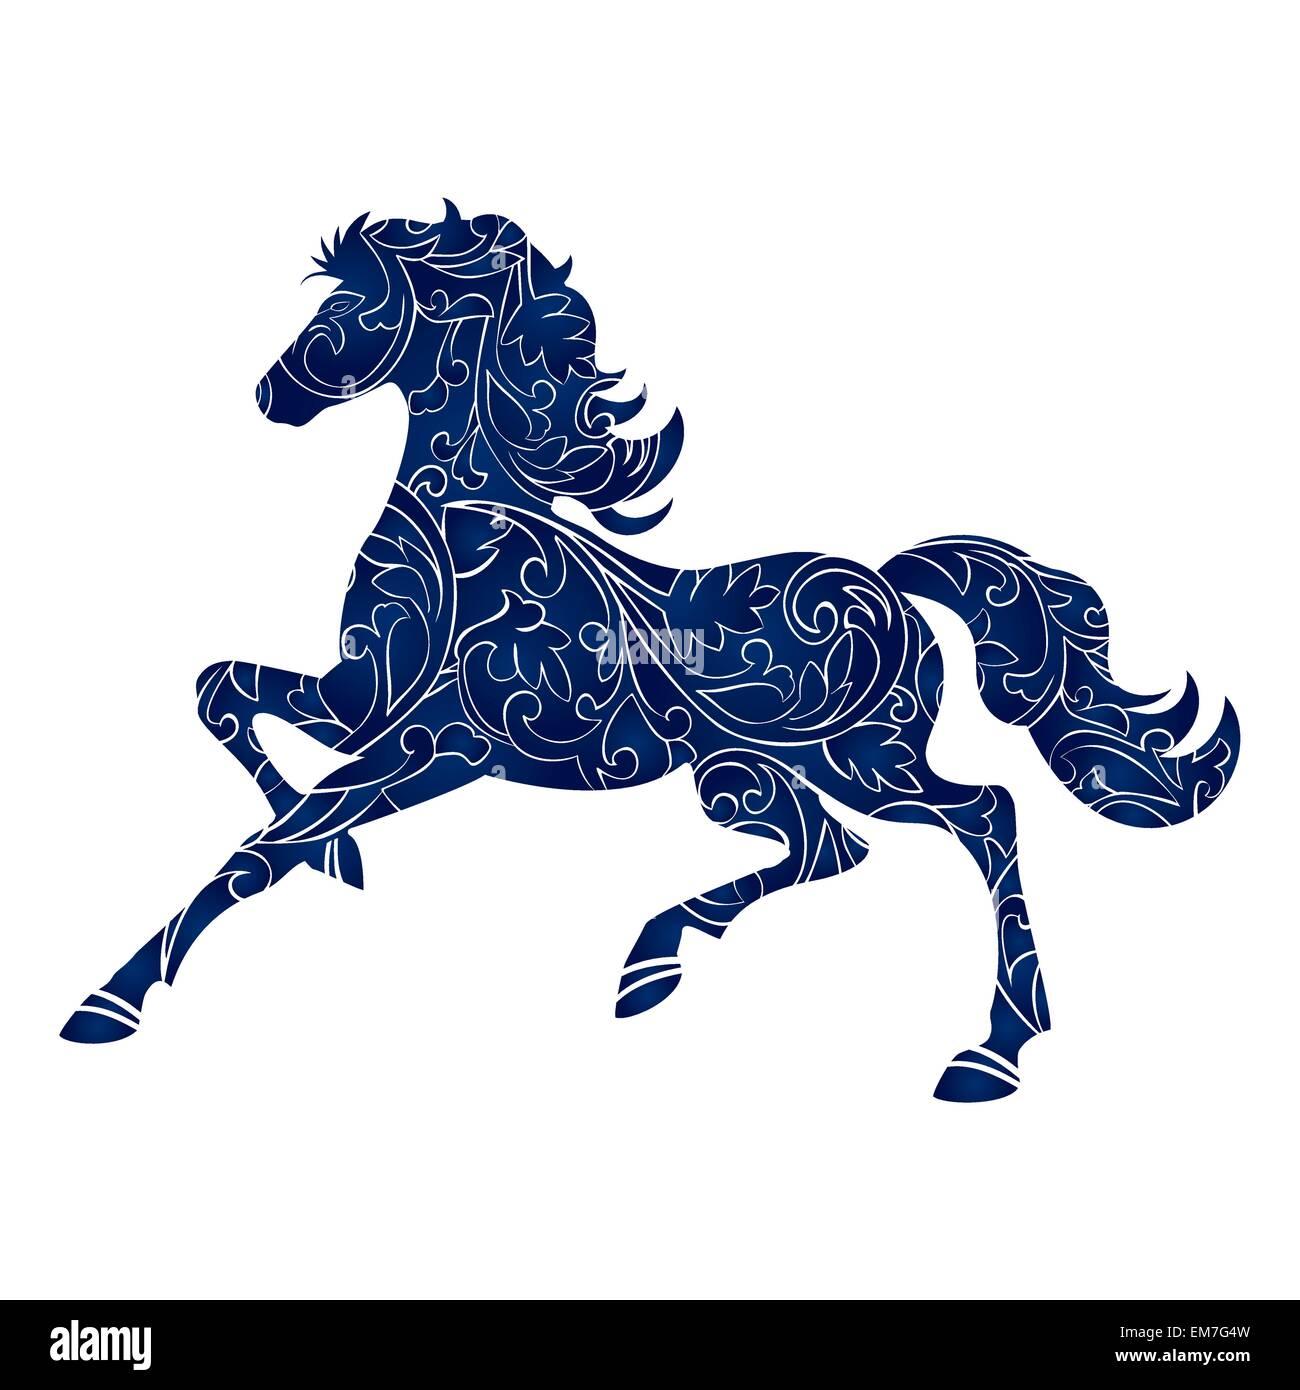 Symbole de l'année 2014, l'icône bleu isolé, silhouette vecteur Photo Stock